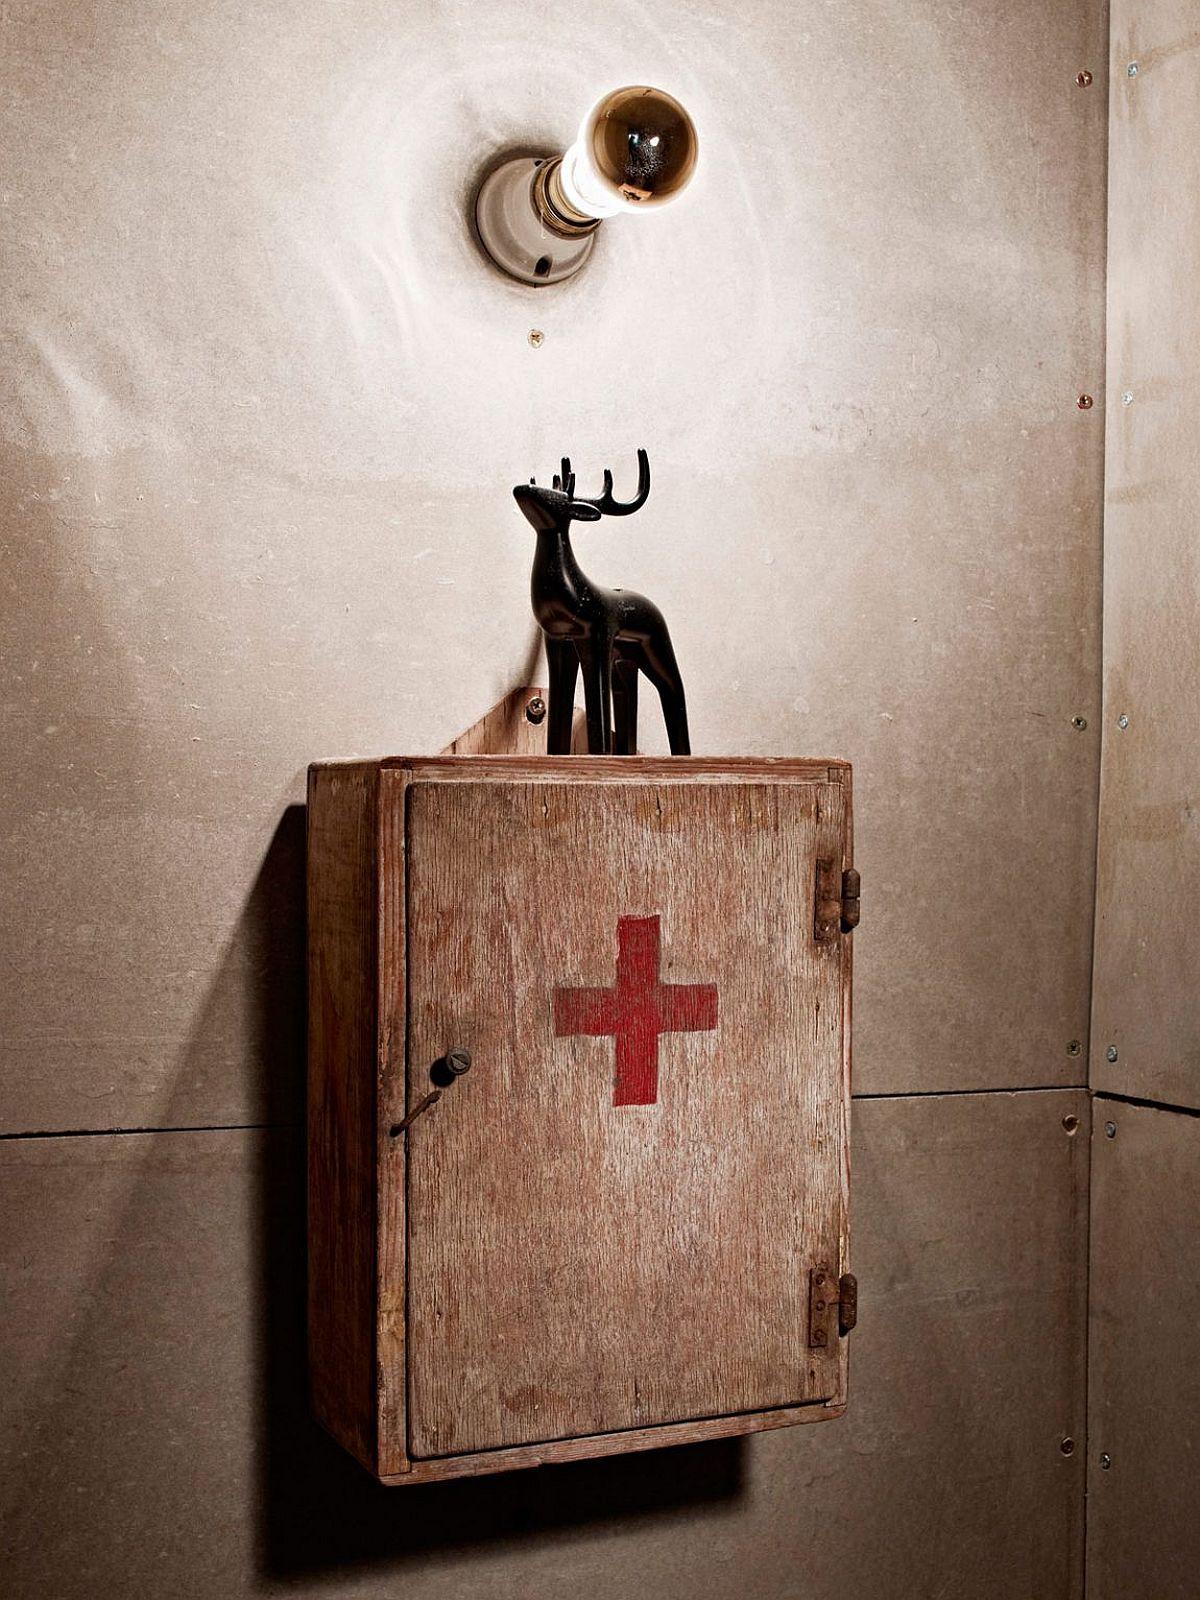 Vintage medicine cabinet for the industrial modern bathroom